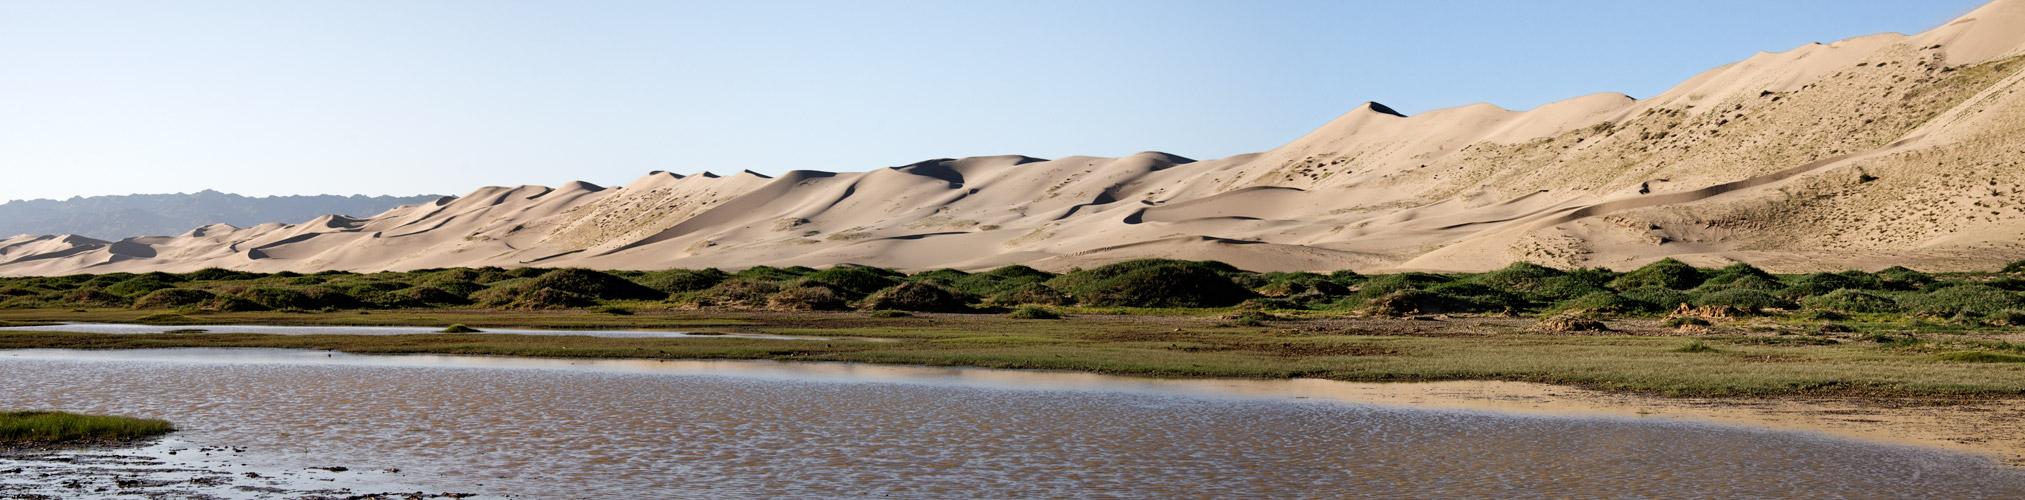 Mongolei-Khongoryn Els